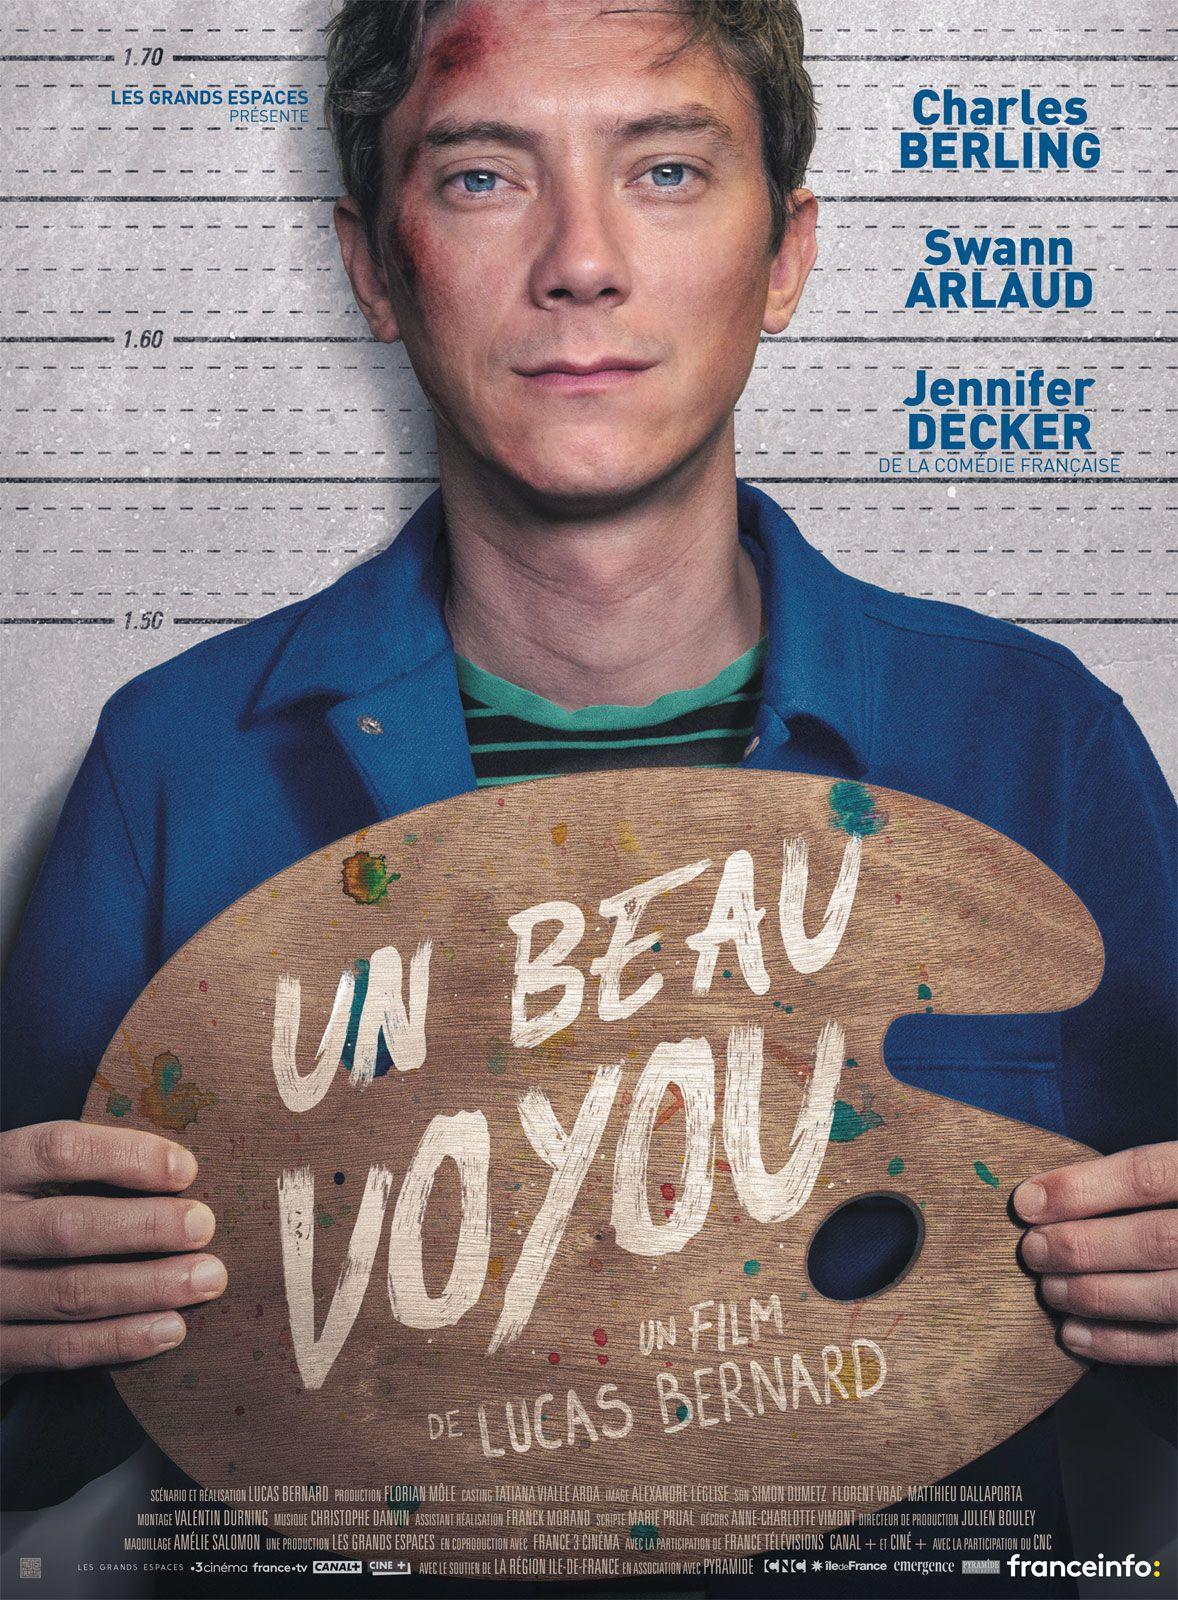 Un beau voyou - Film (2019)